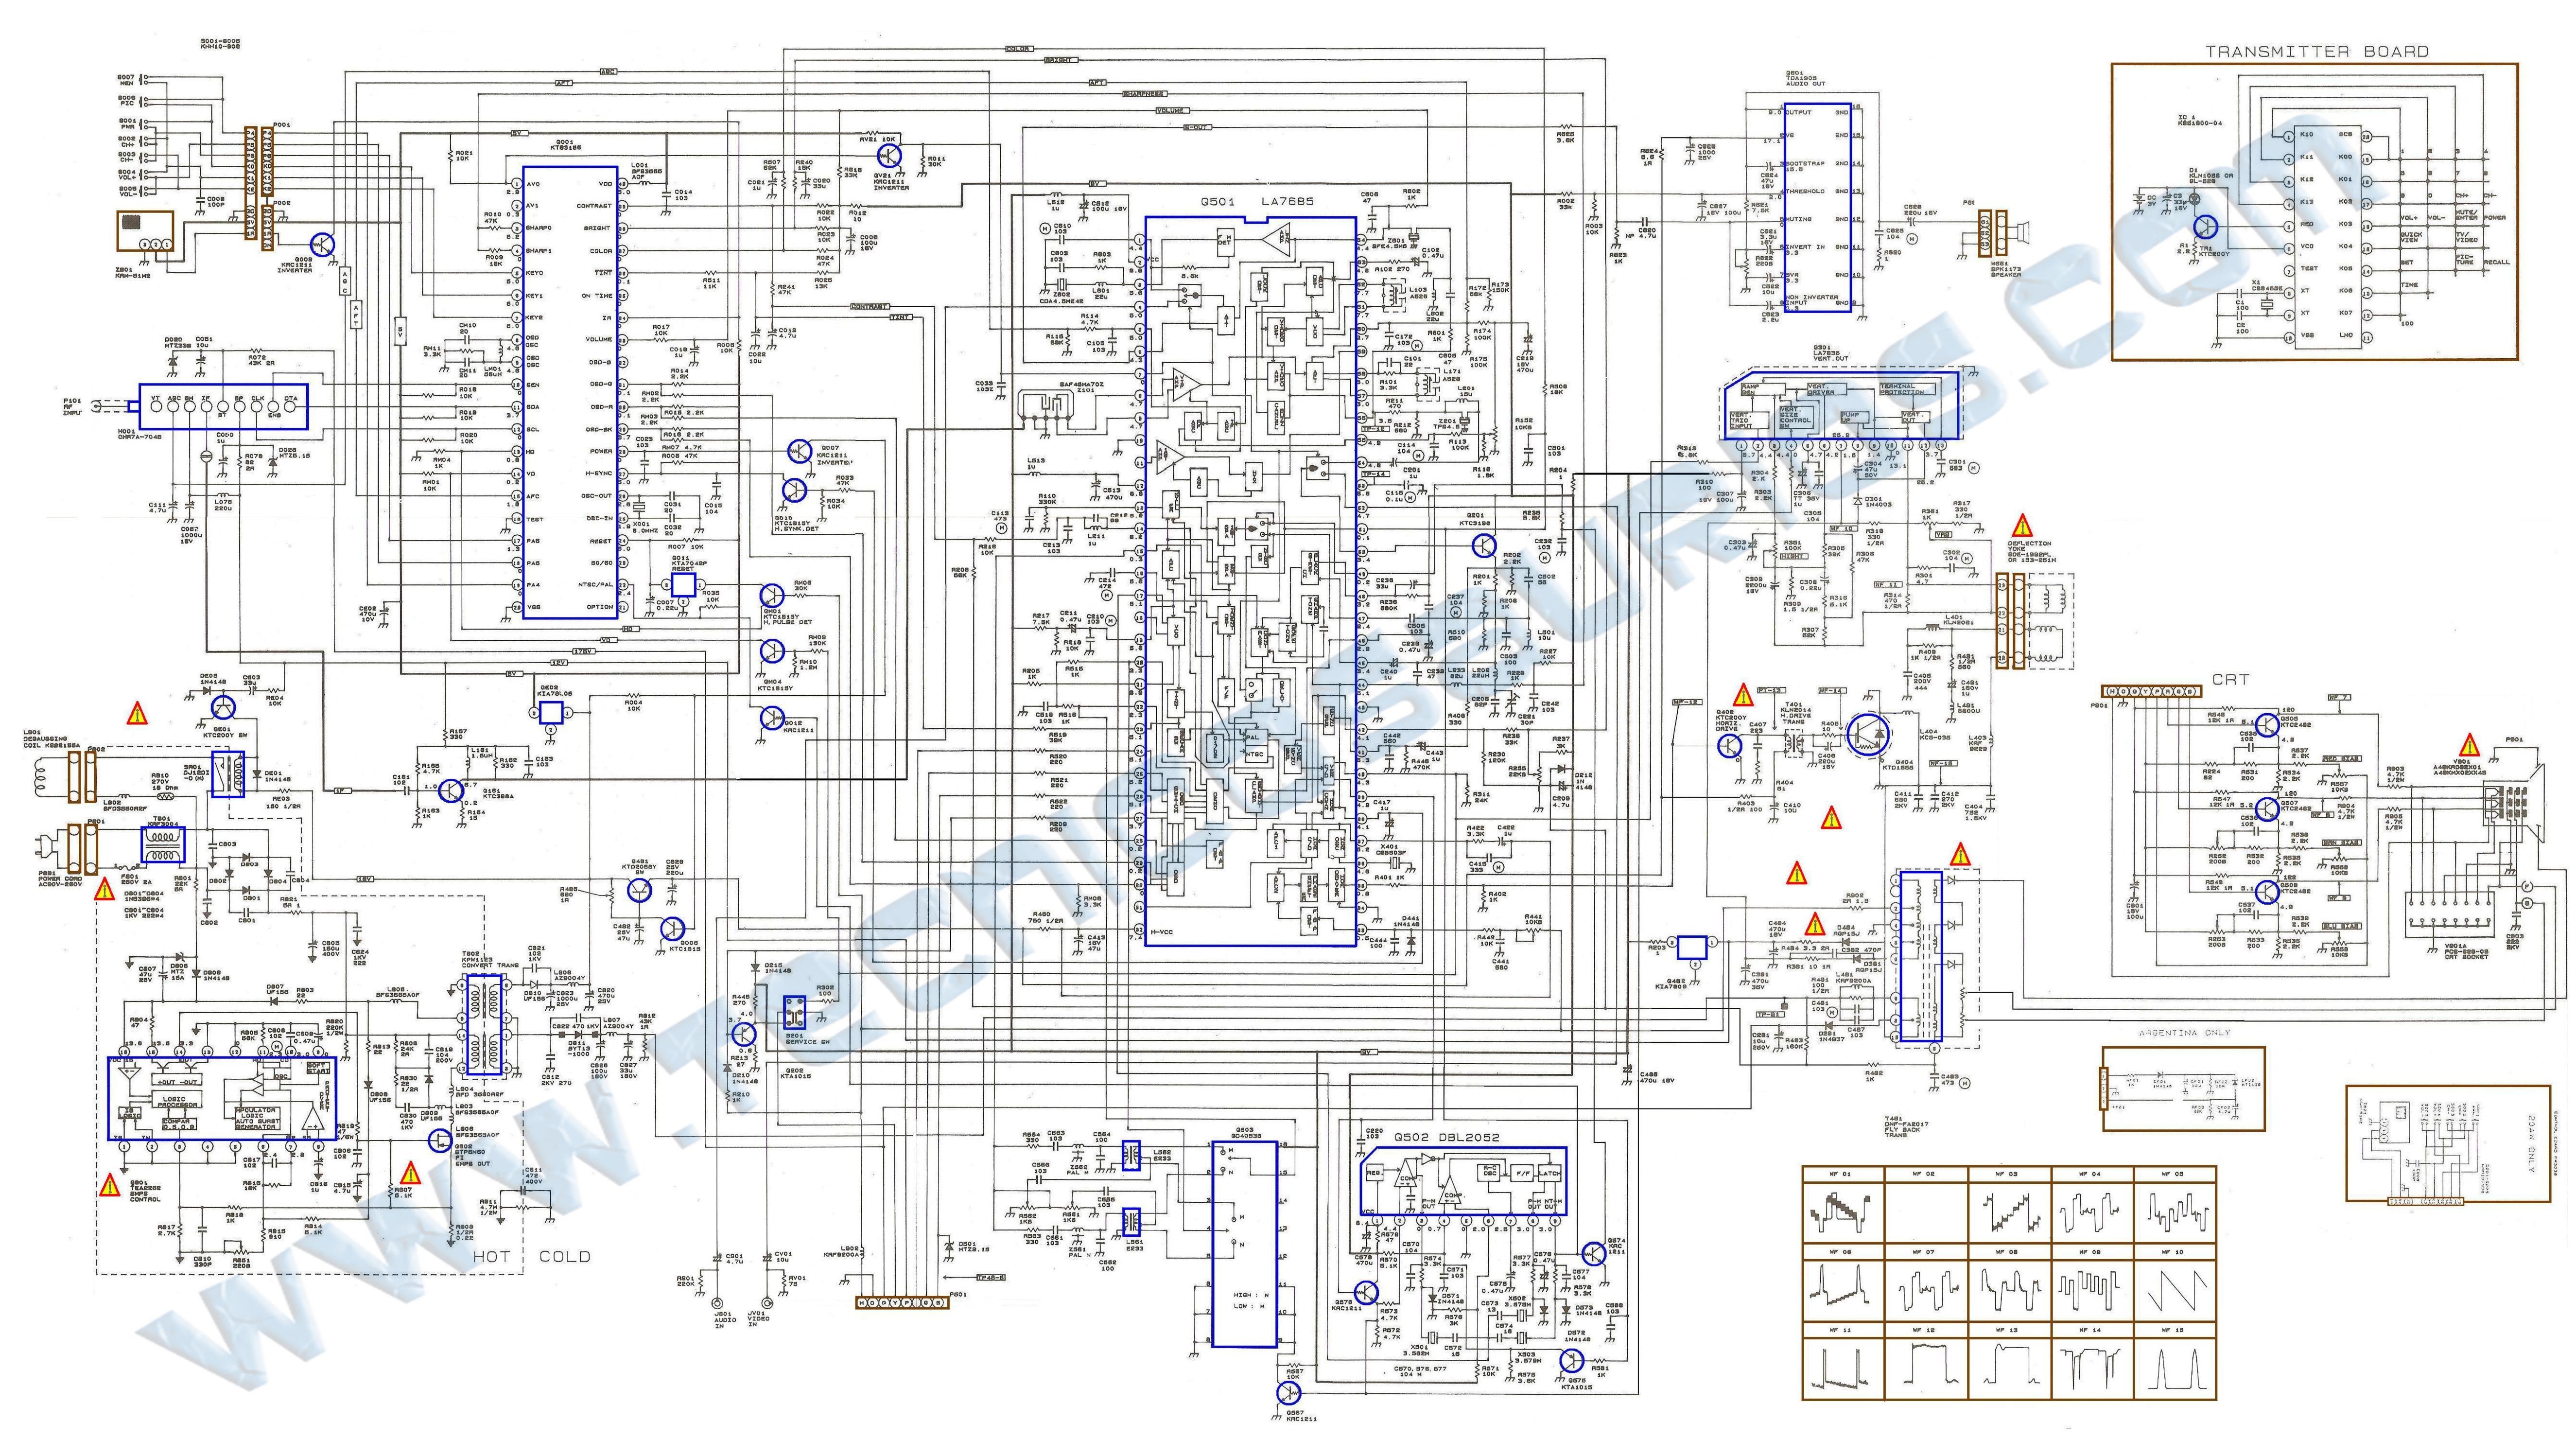 ktv 14anc-Chassis_PW-3044.pdf